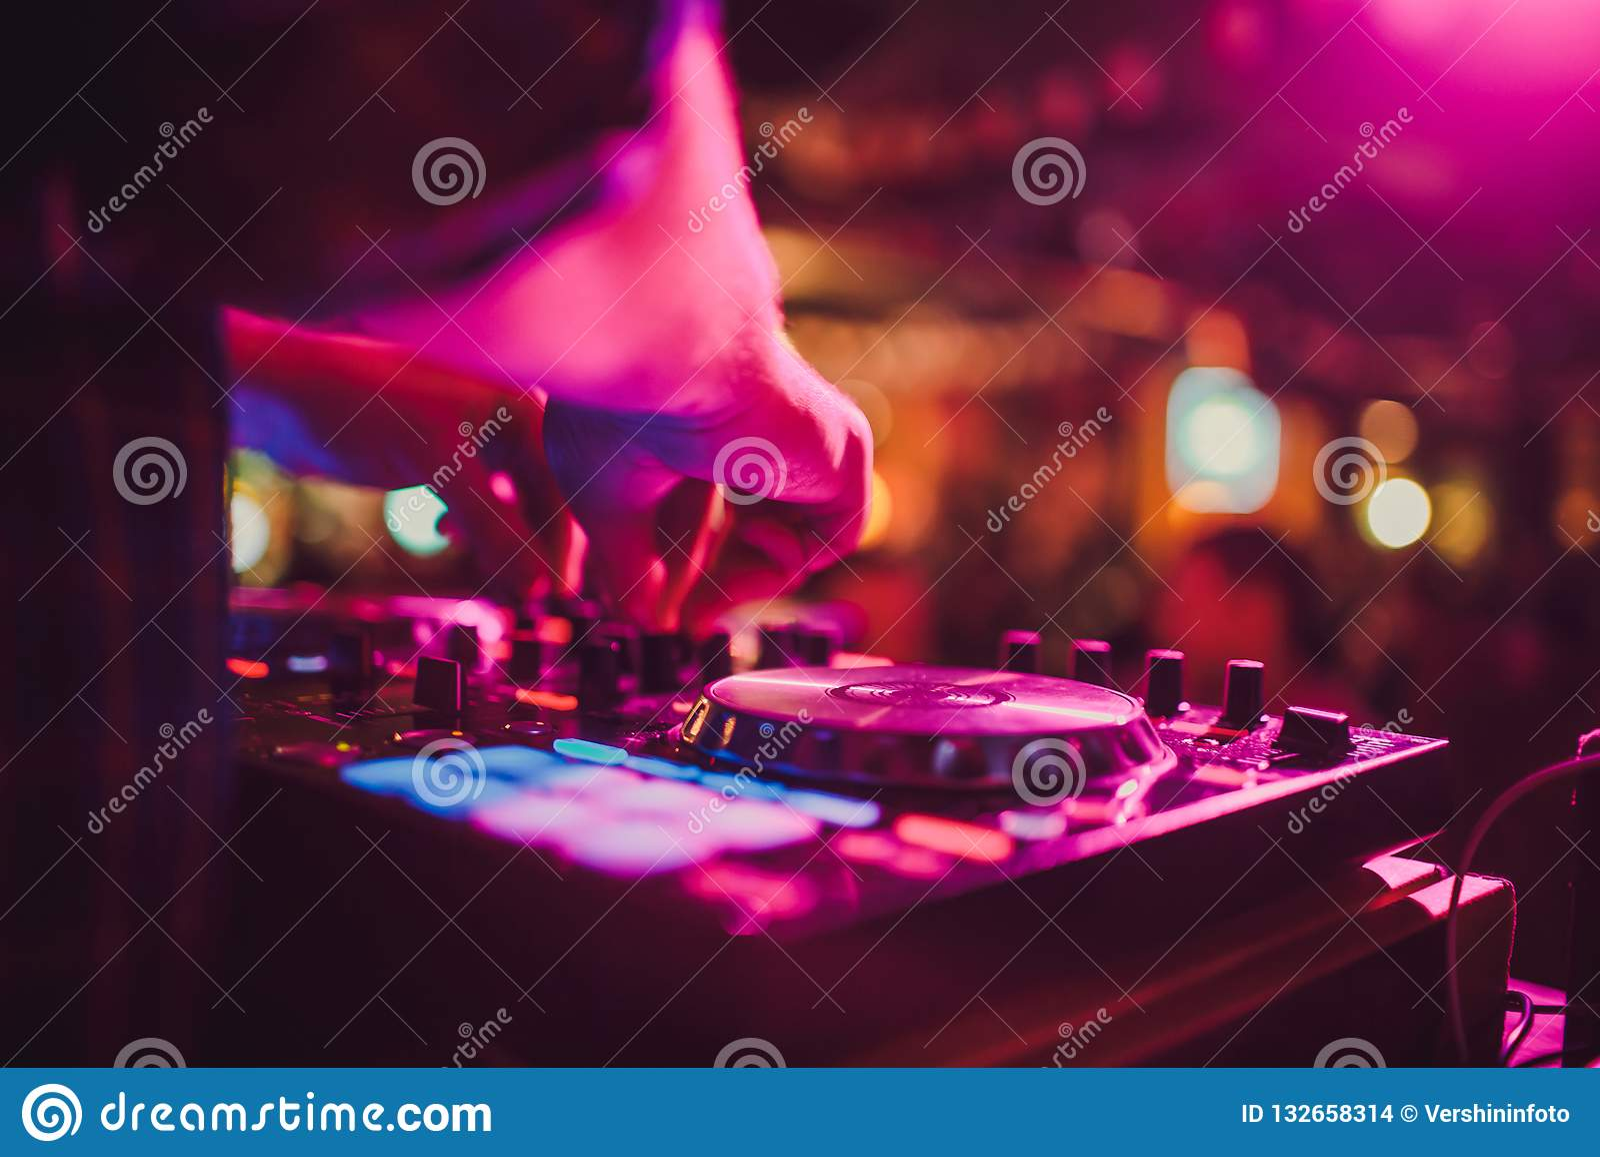 Ver DJ, draaischijven, en handen Het nachtleven bij de club, partij